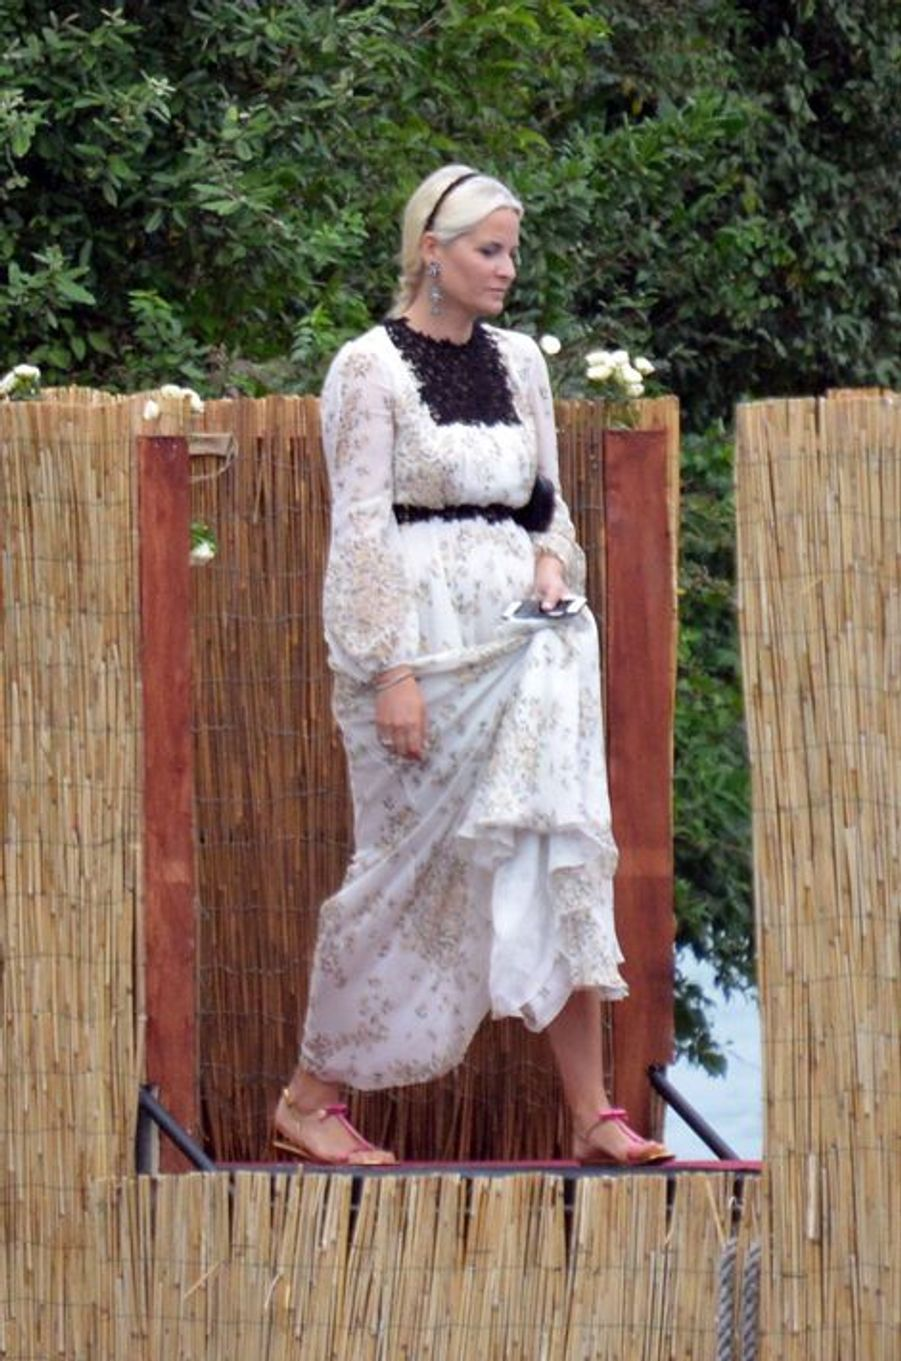 La princesse Mette-Marit de Norvège sur l'île San Giovanni, le 1er août 2015